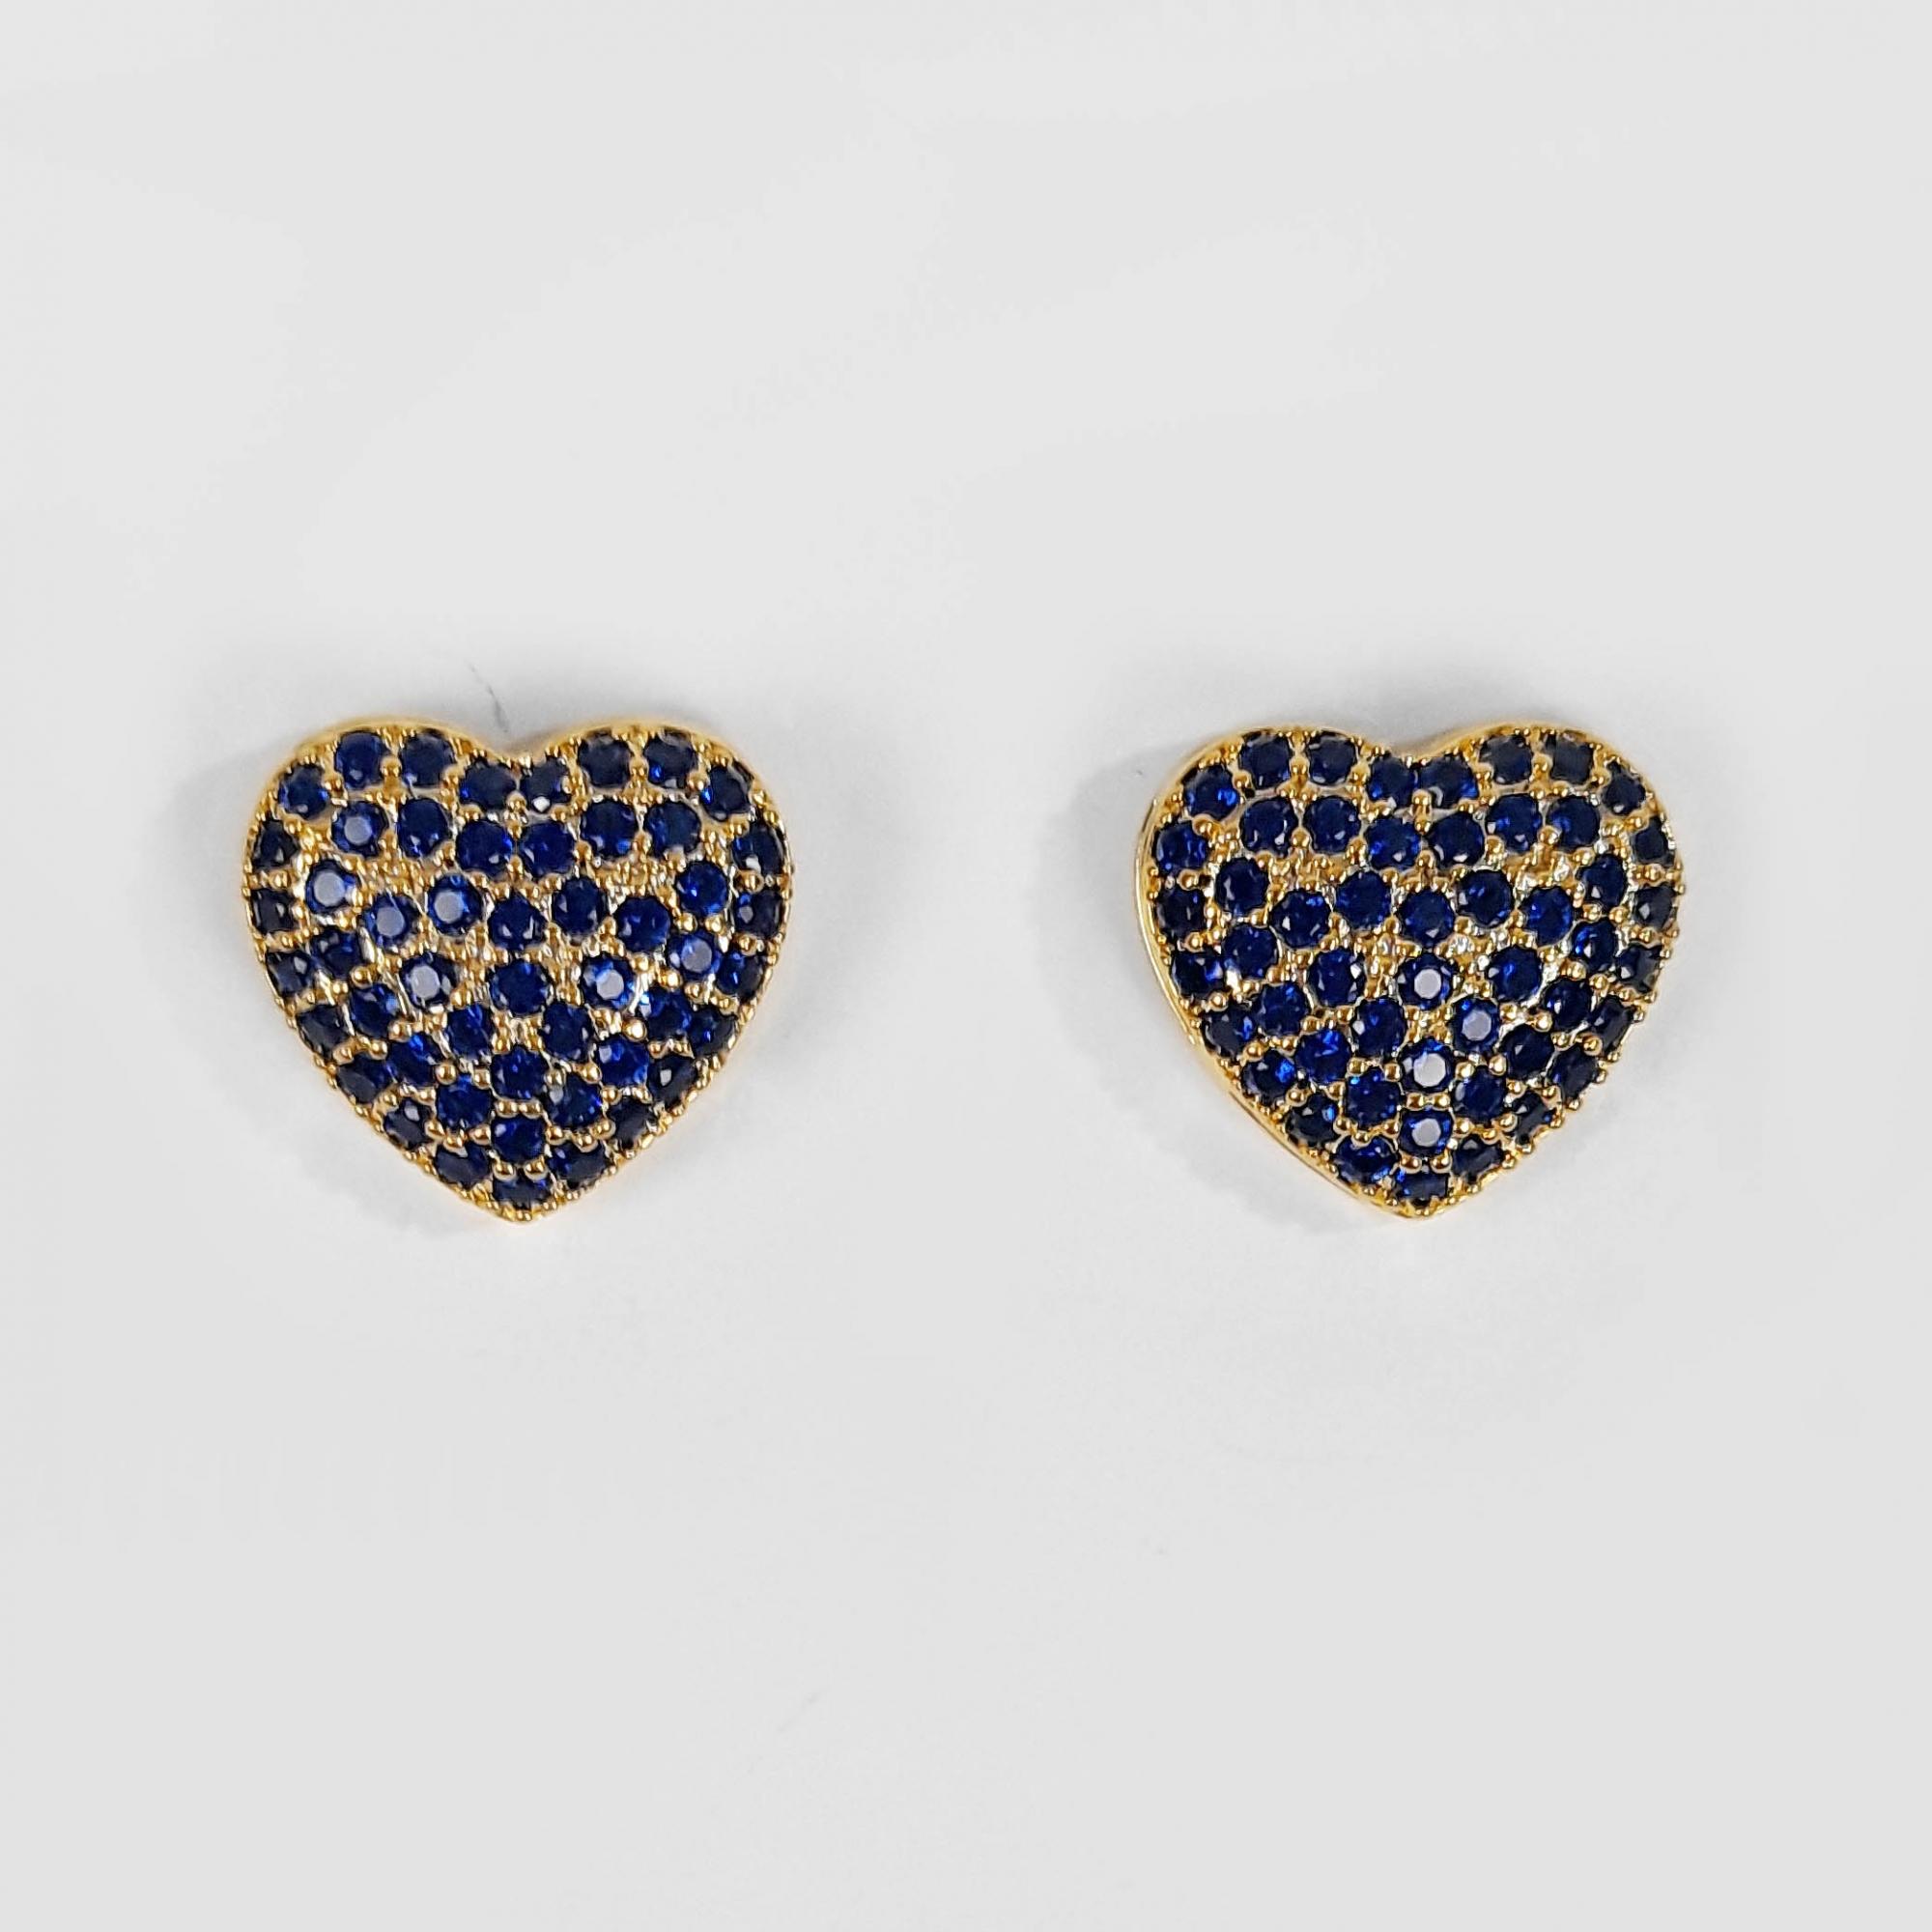 Brinco Pequeno Coração Azul Cravejado Folheado a Ouro 18k  - Lunozê Joias